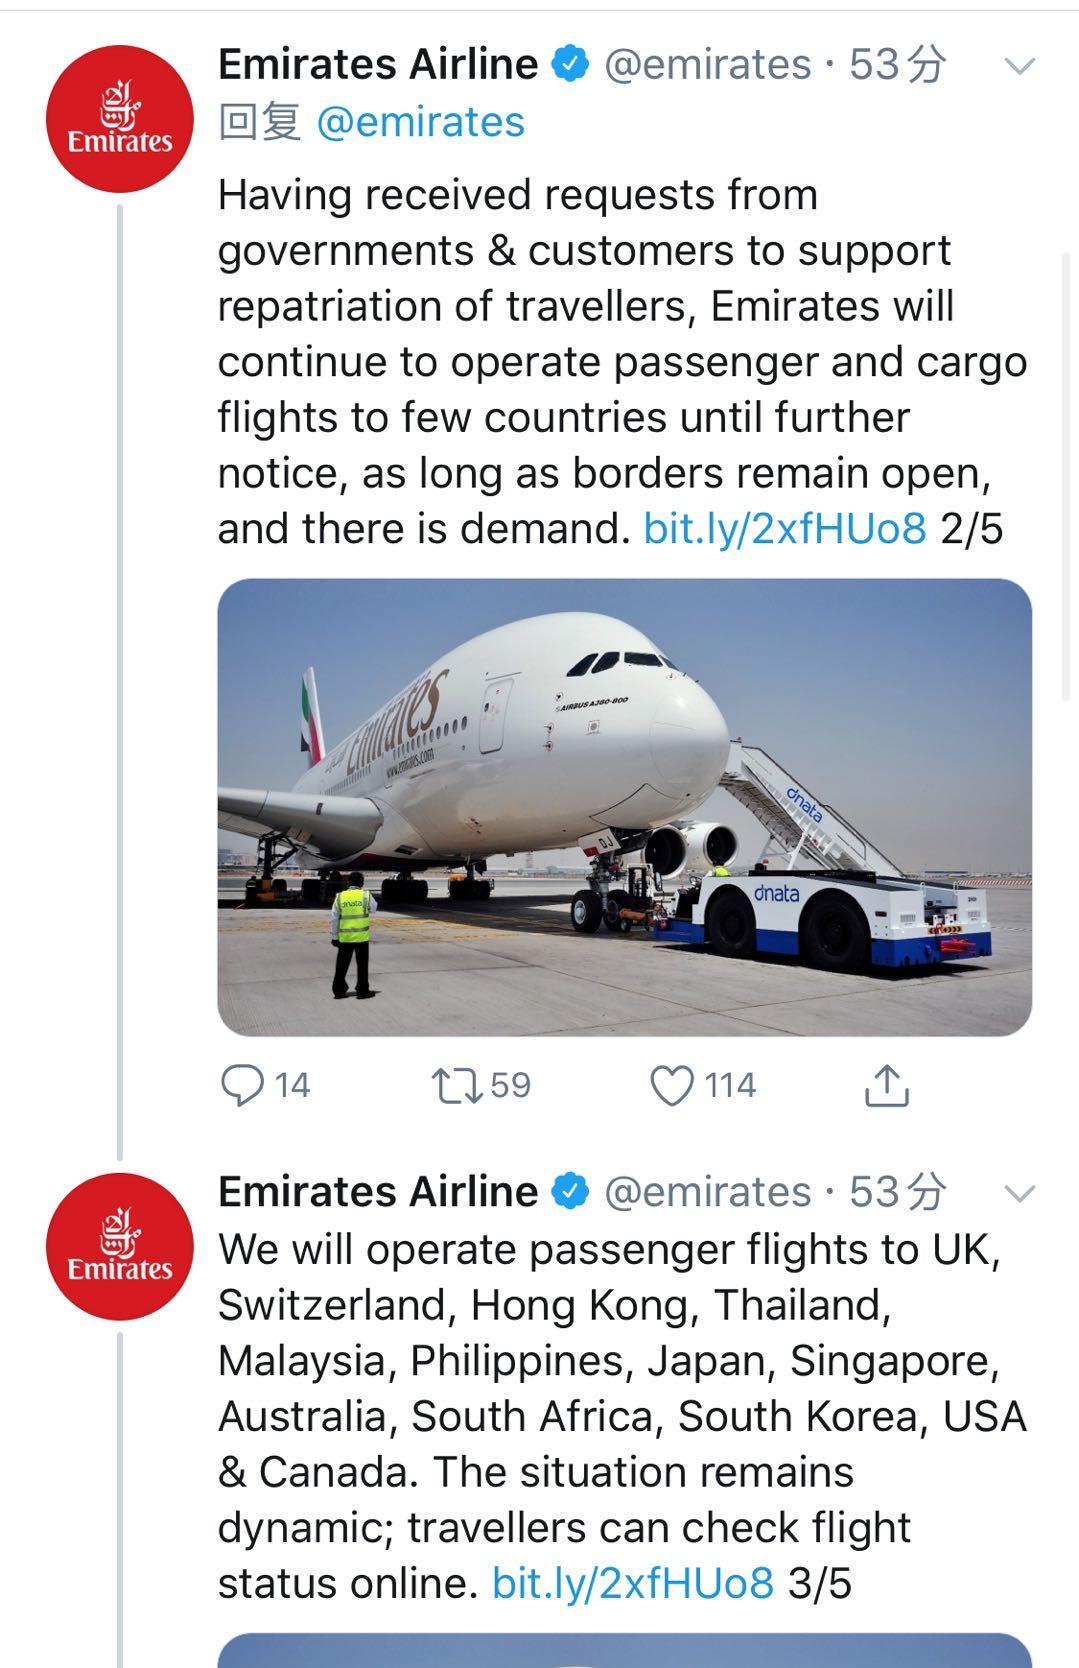 阿联酋航空:将继续运营飞往部分国家和地区的航班